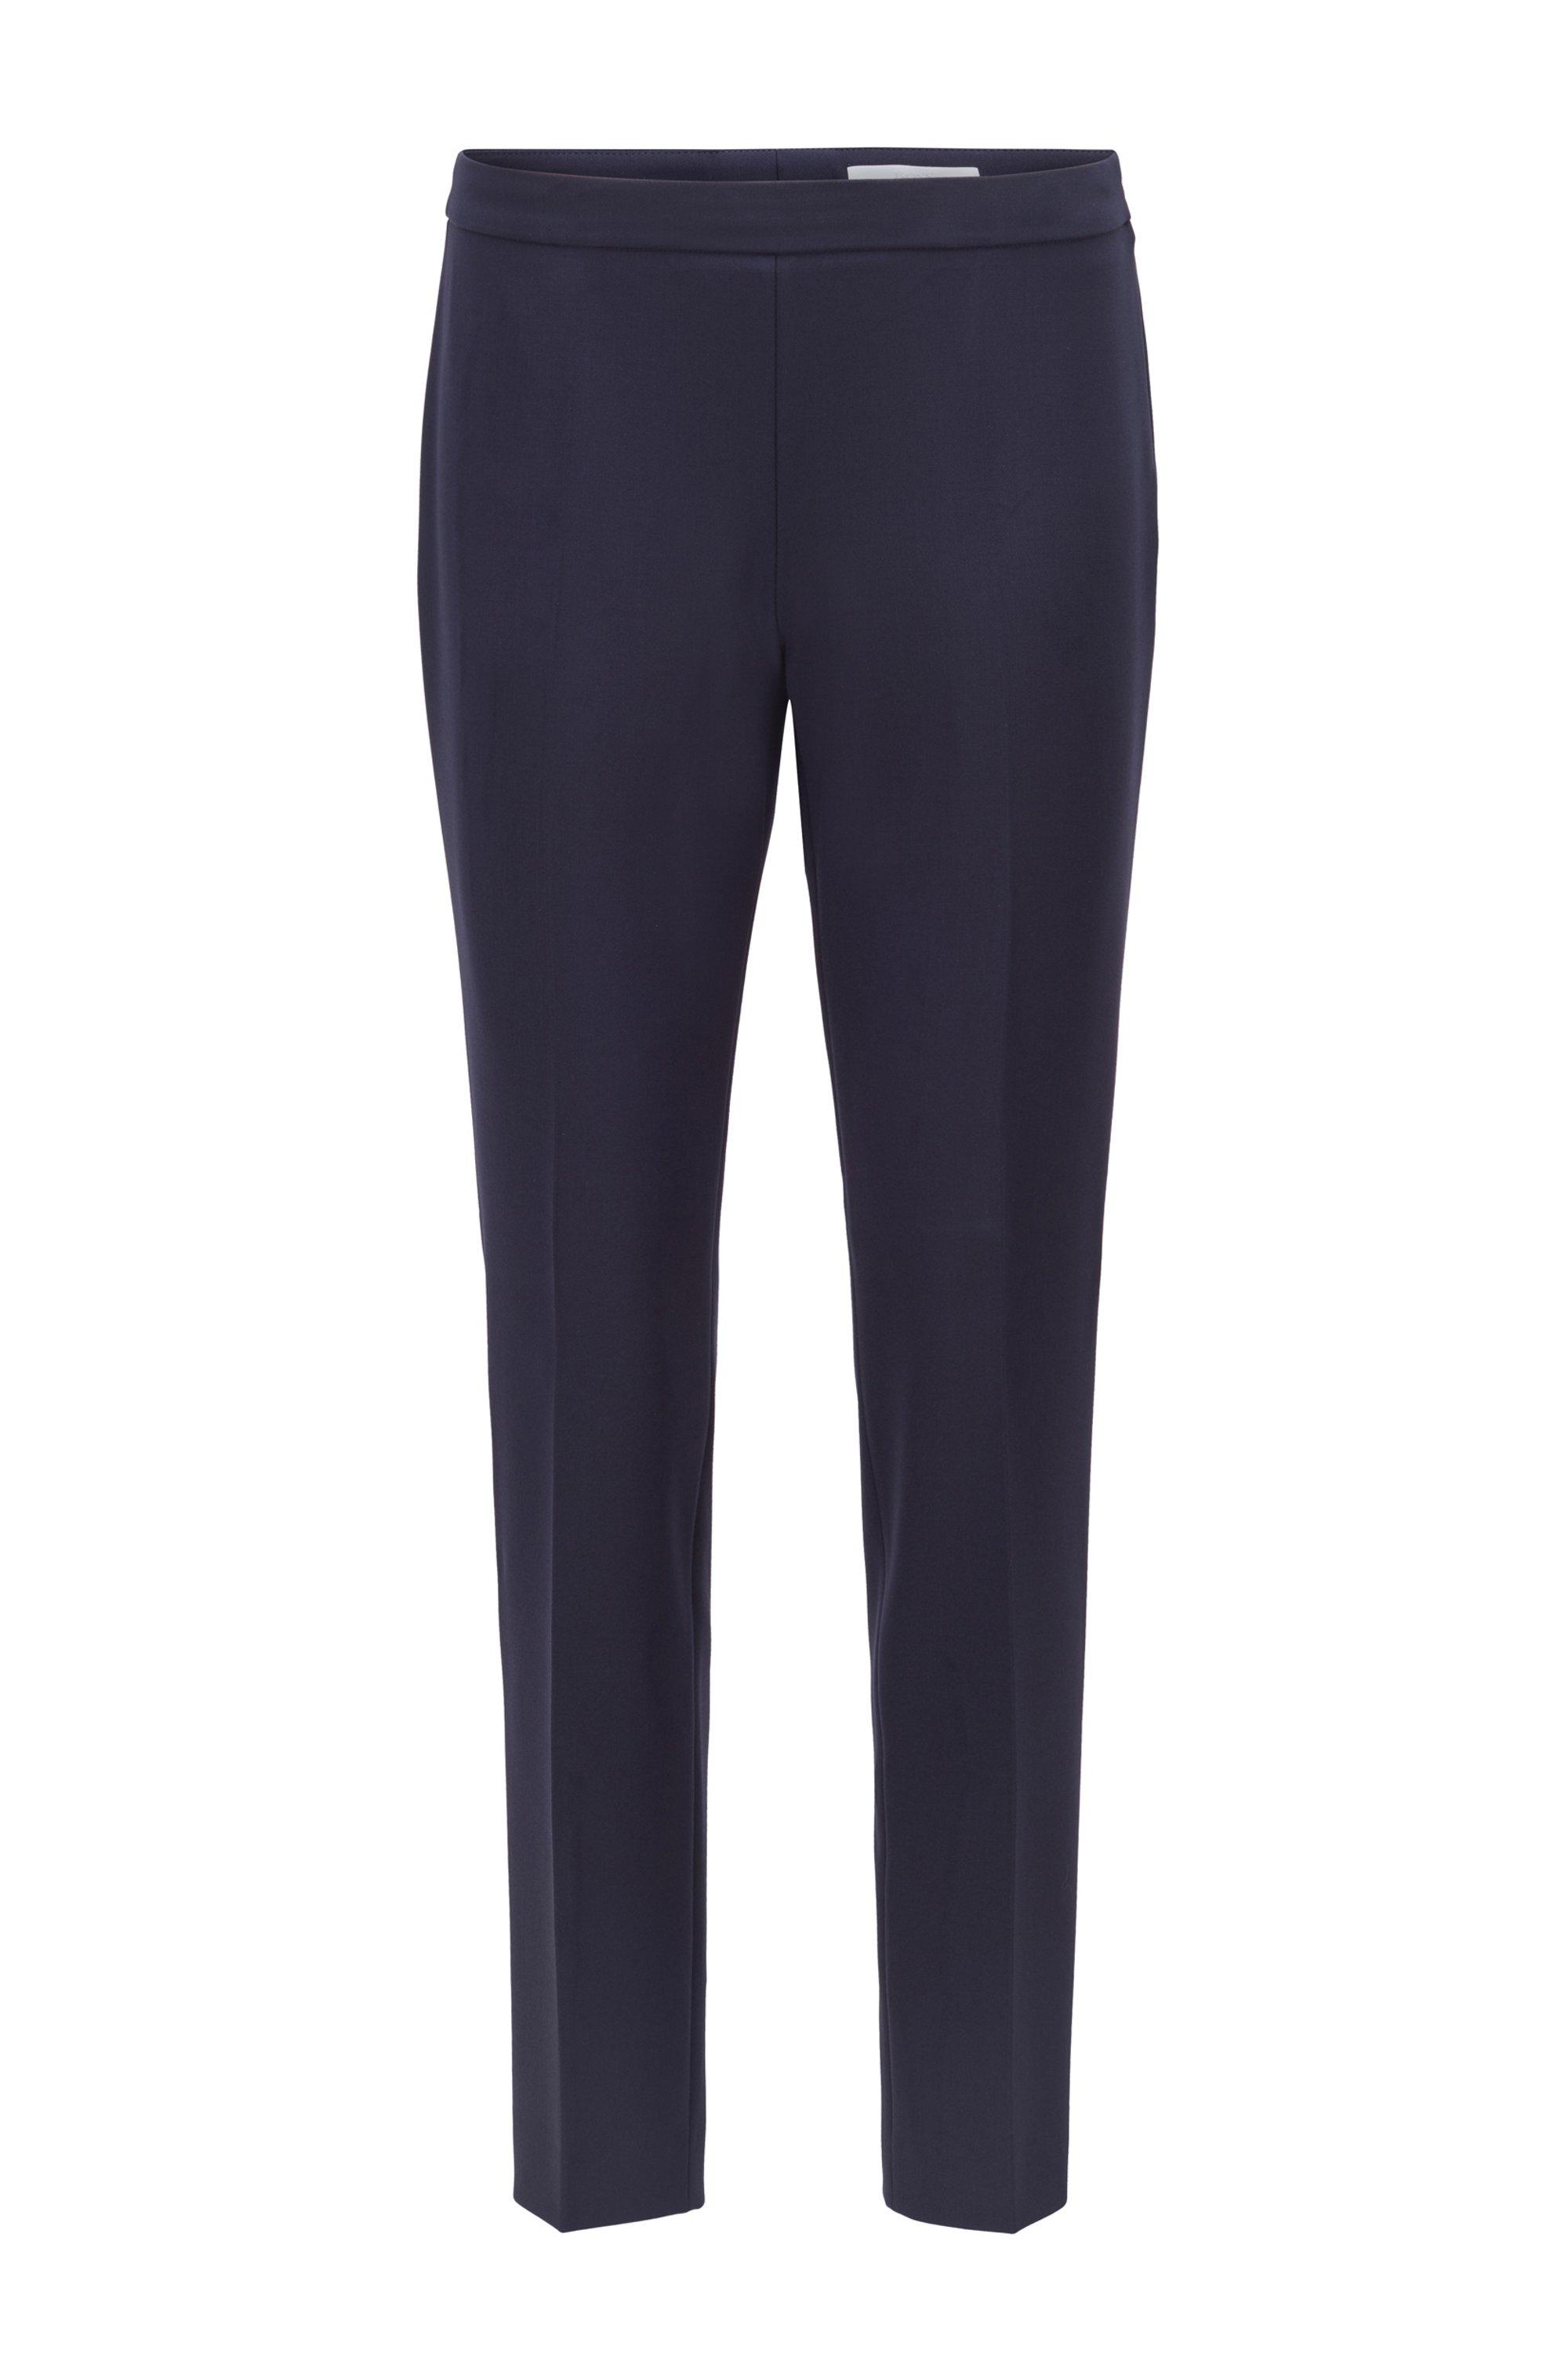 Pantalon en tissu stretch portugais, à la coupe courte et étroite, Bleu foncé